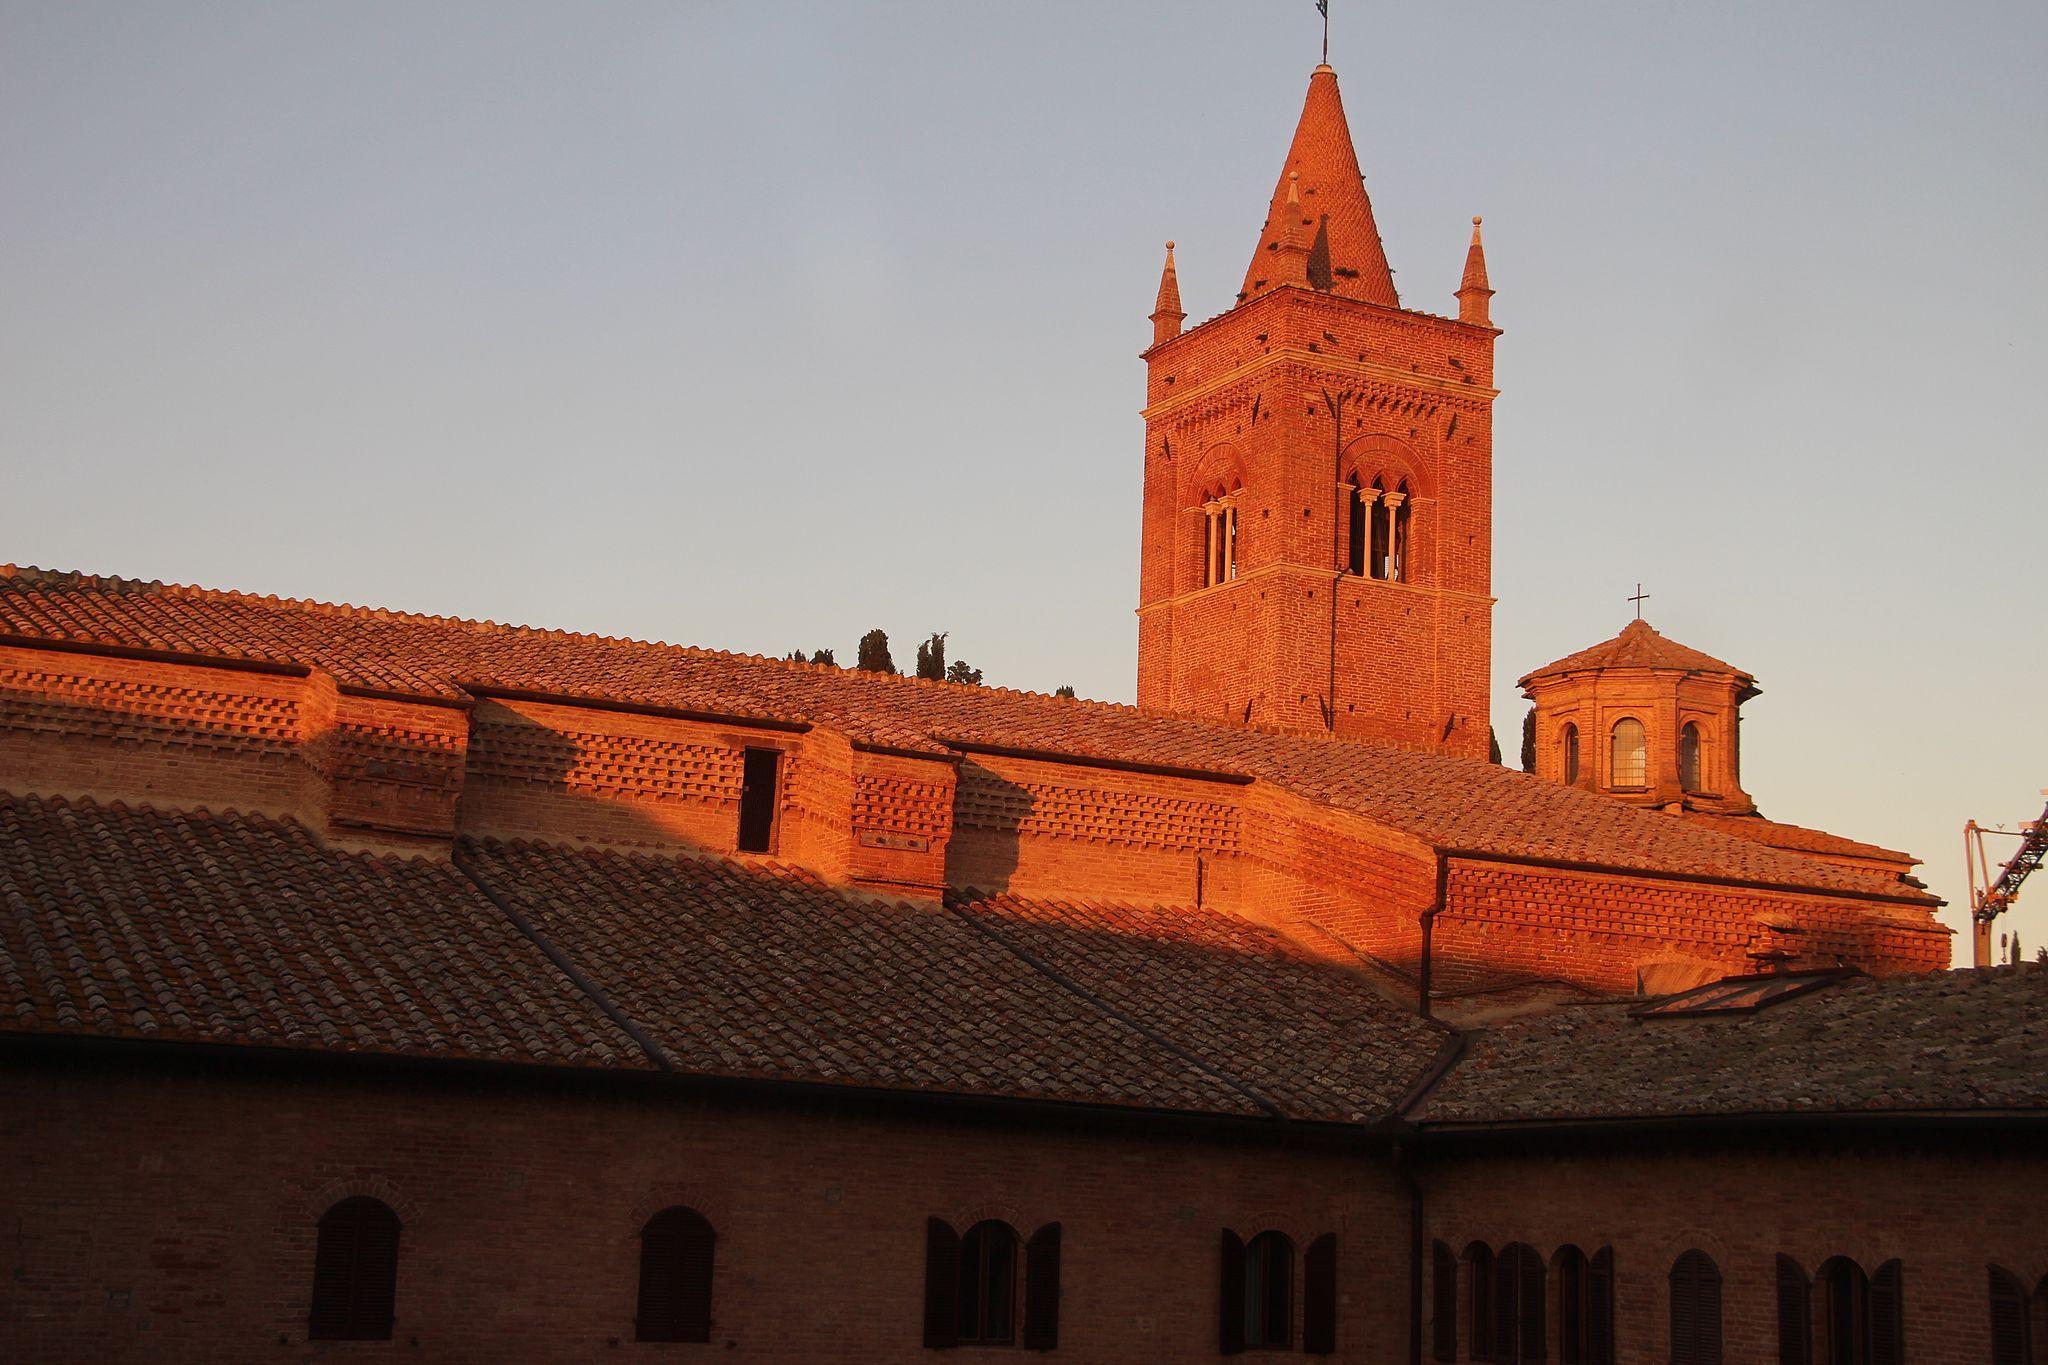 Monte oliveto maggiore, chiesa, ext. 05